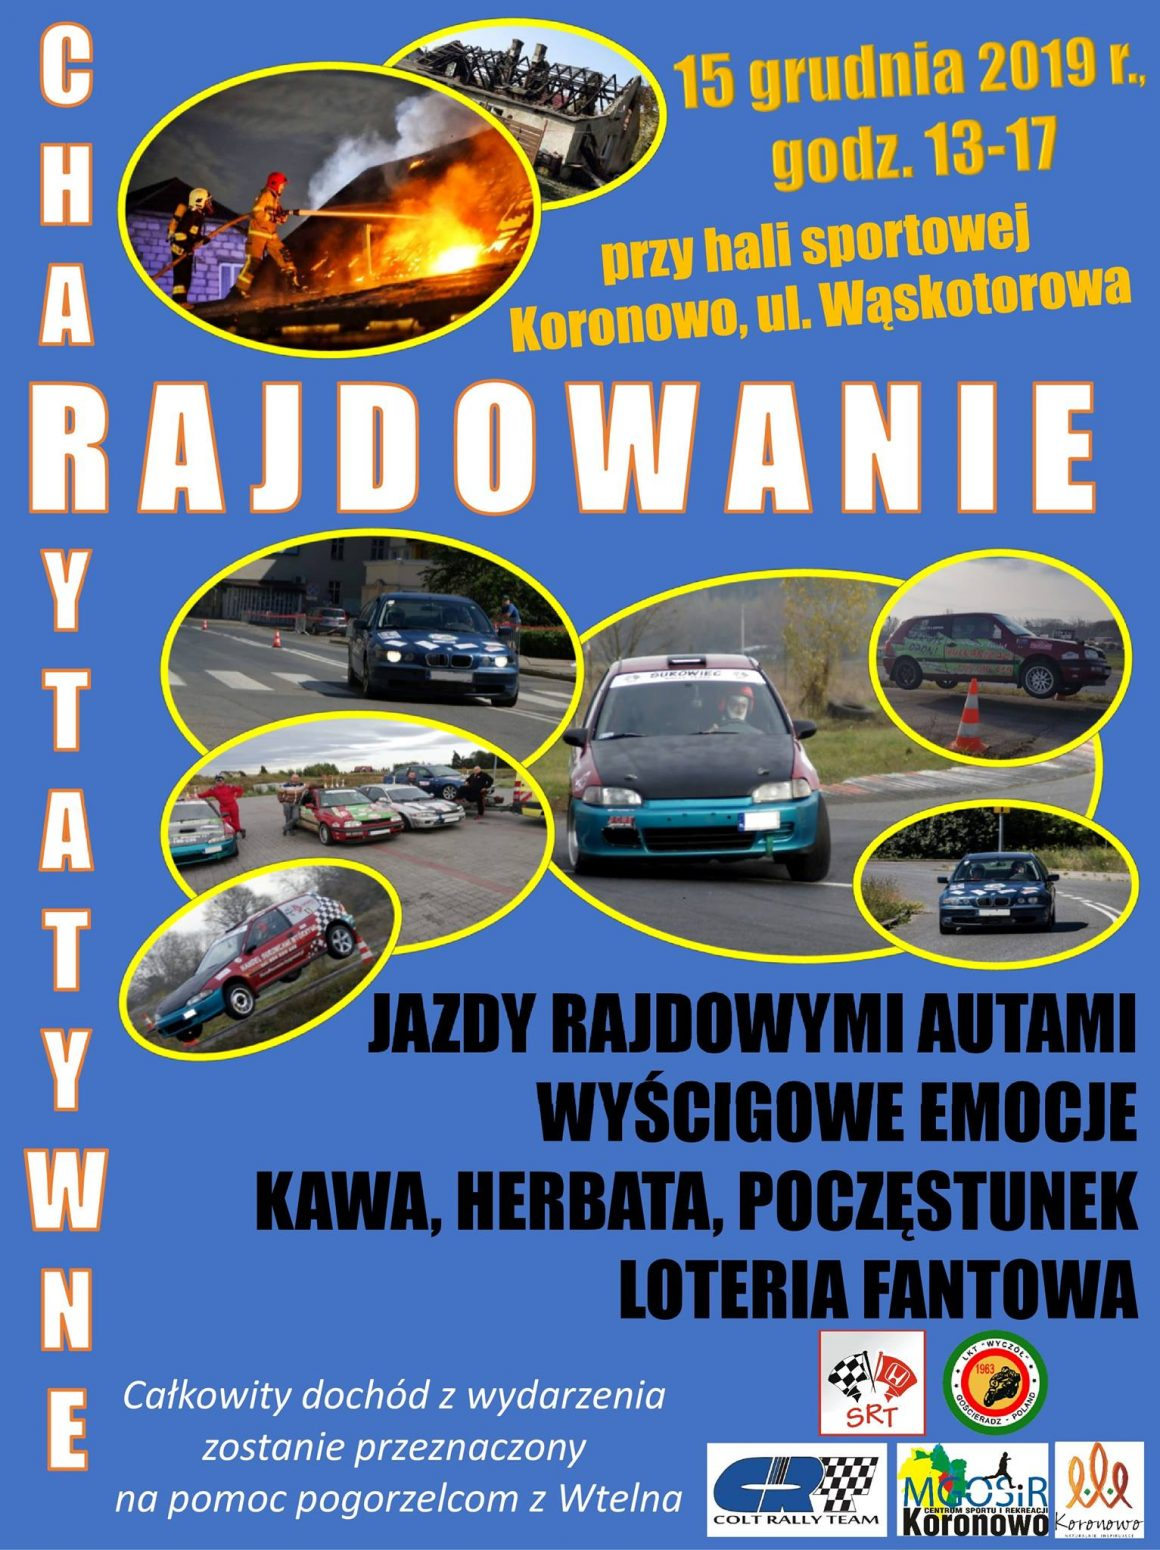 Charytatywne Rajdowanie w Koronowie